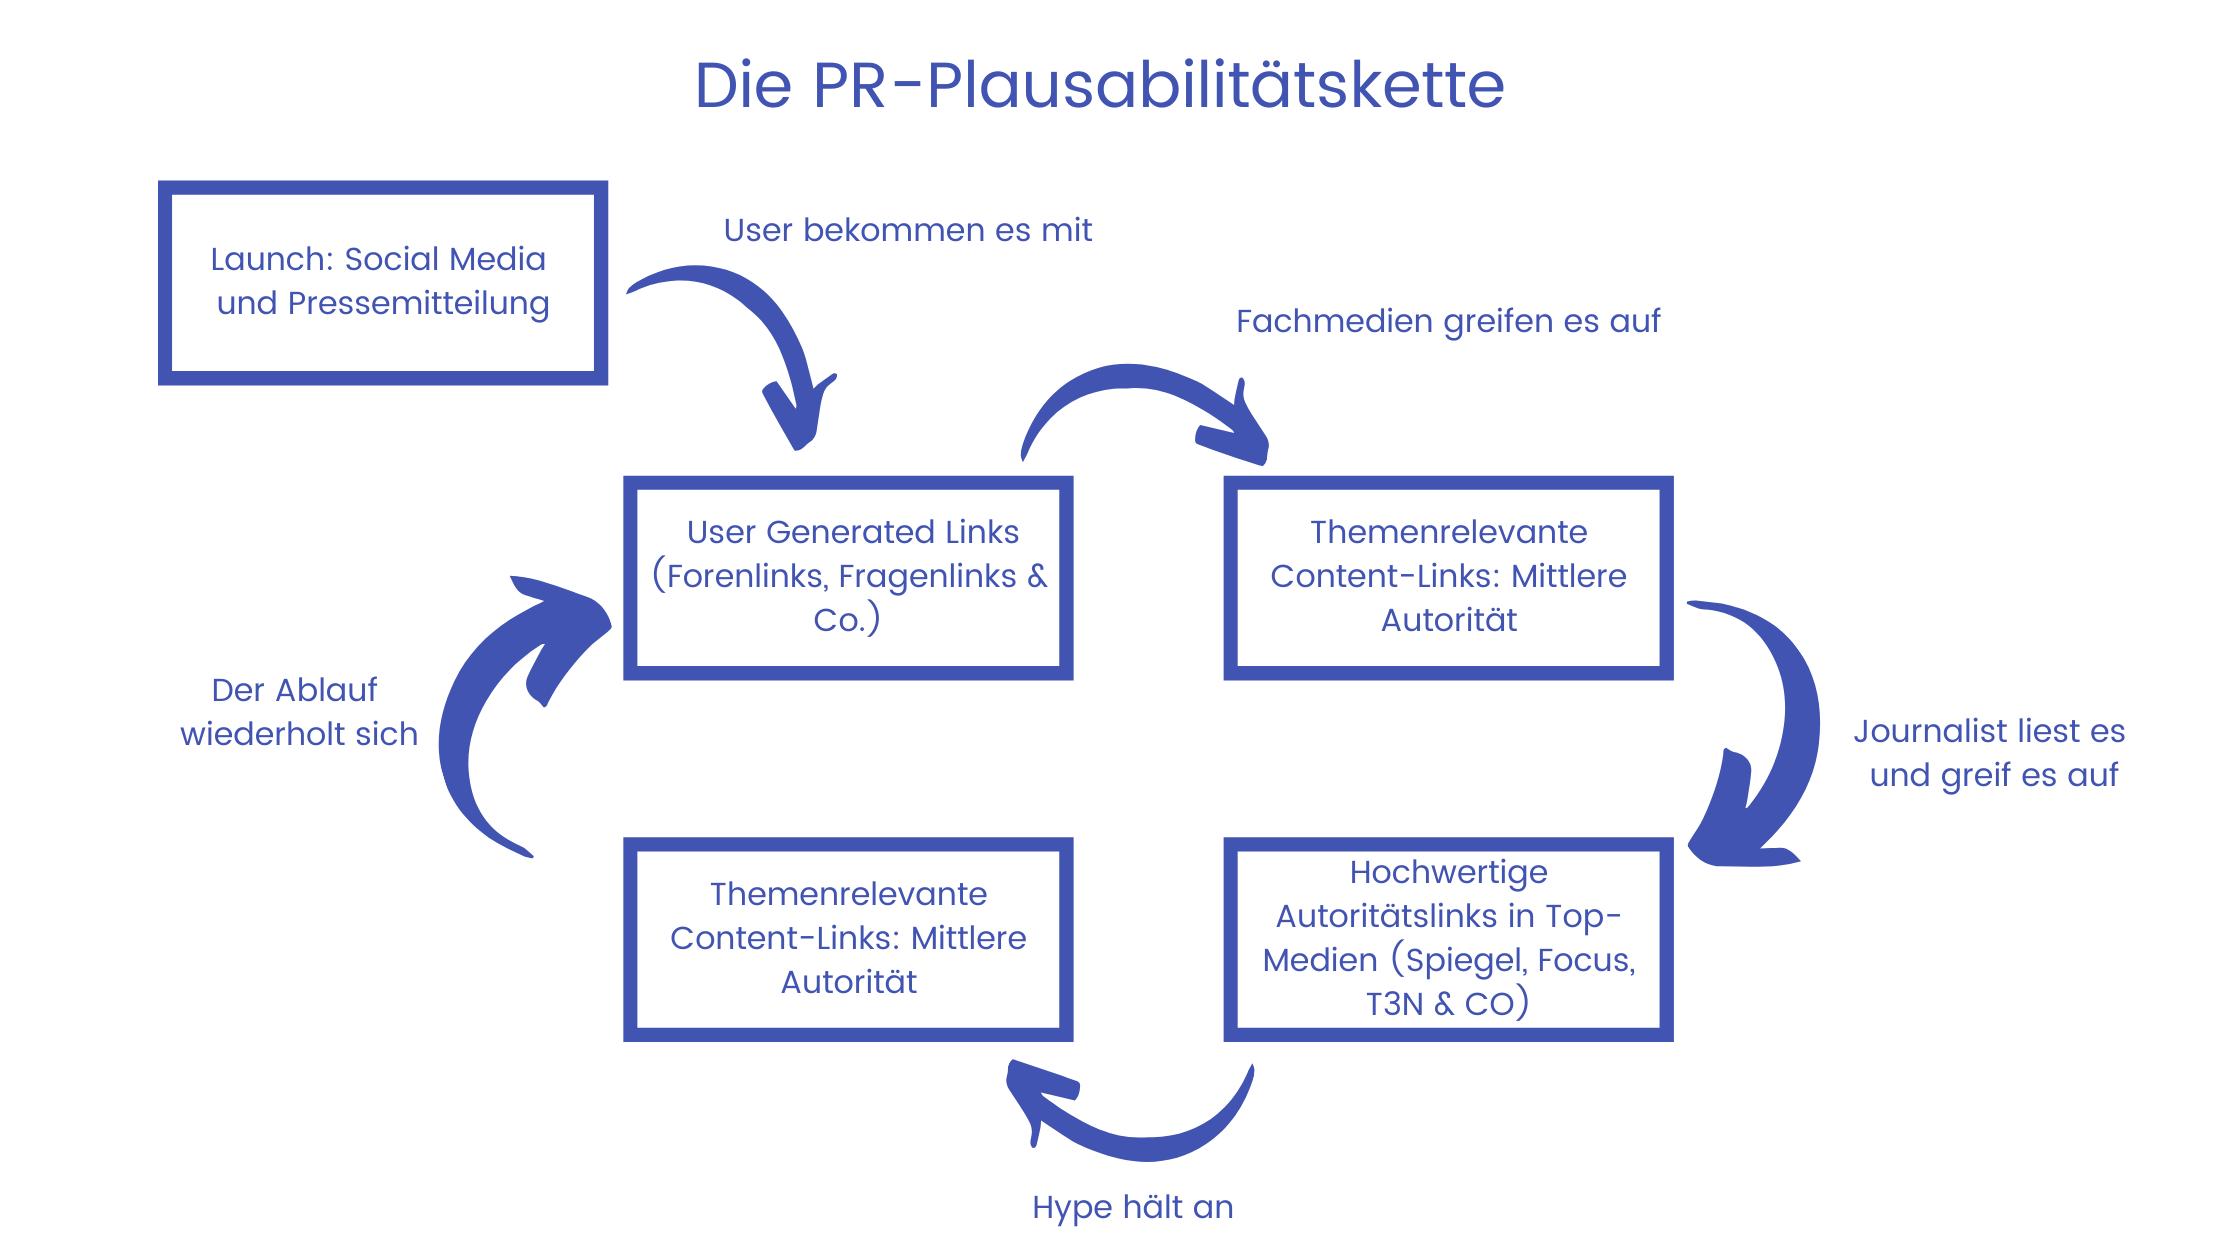 Die PR-Plausabilitätskette beim Linkaufbau